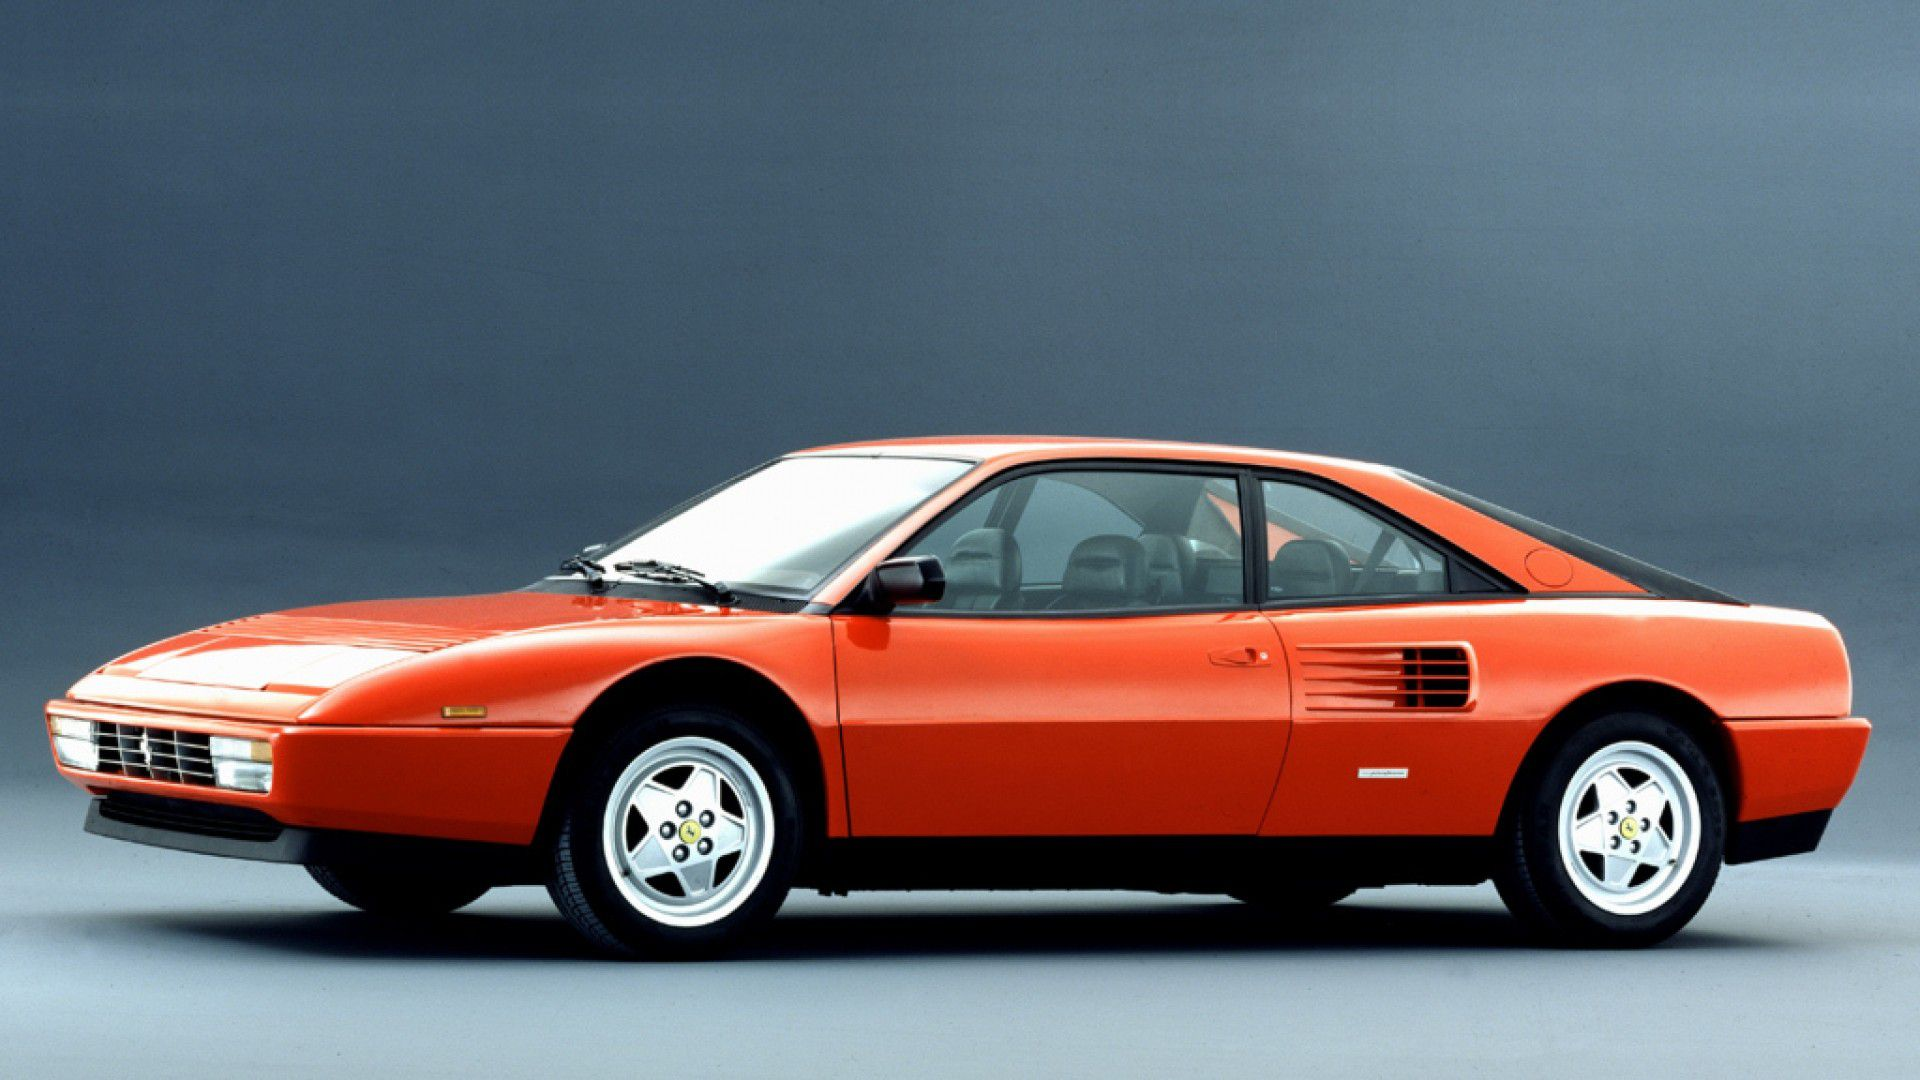 Ferrari Mondial T Coupe & Mondial T Cabriolet